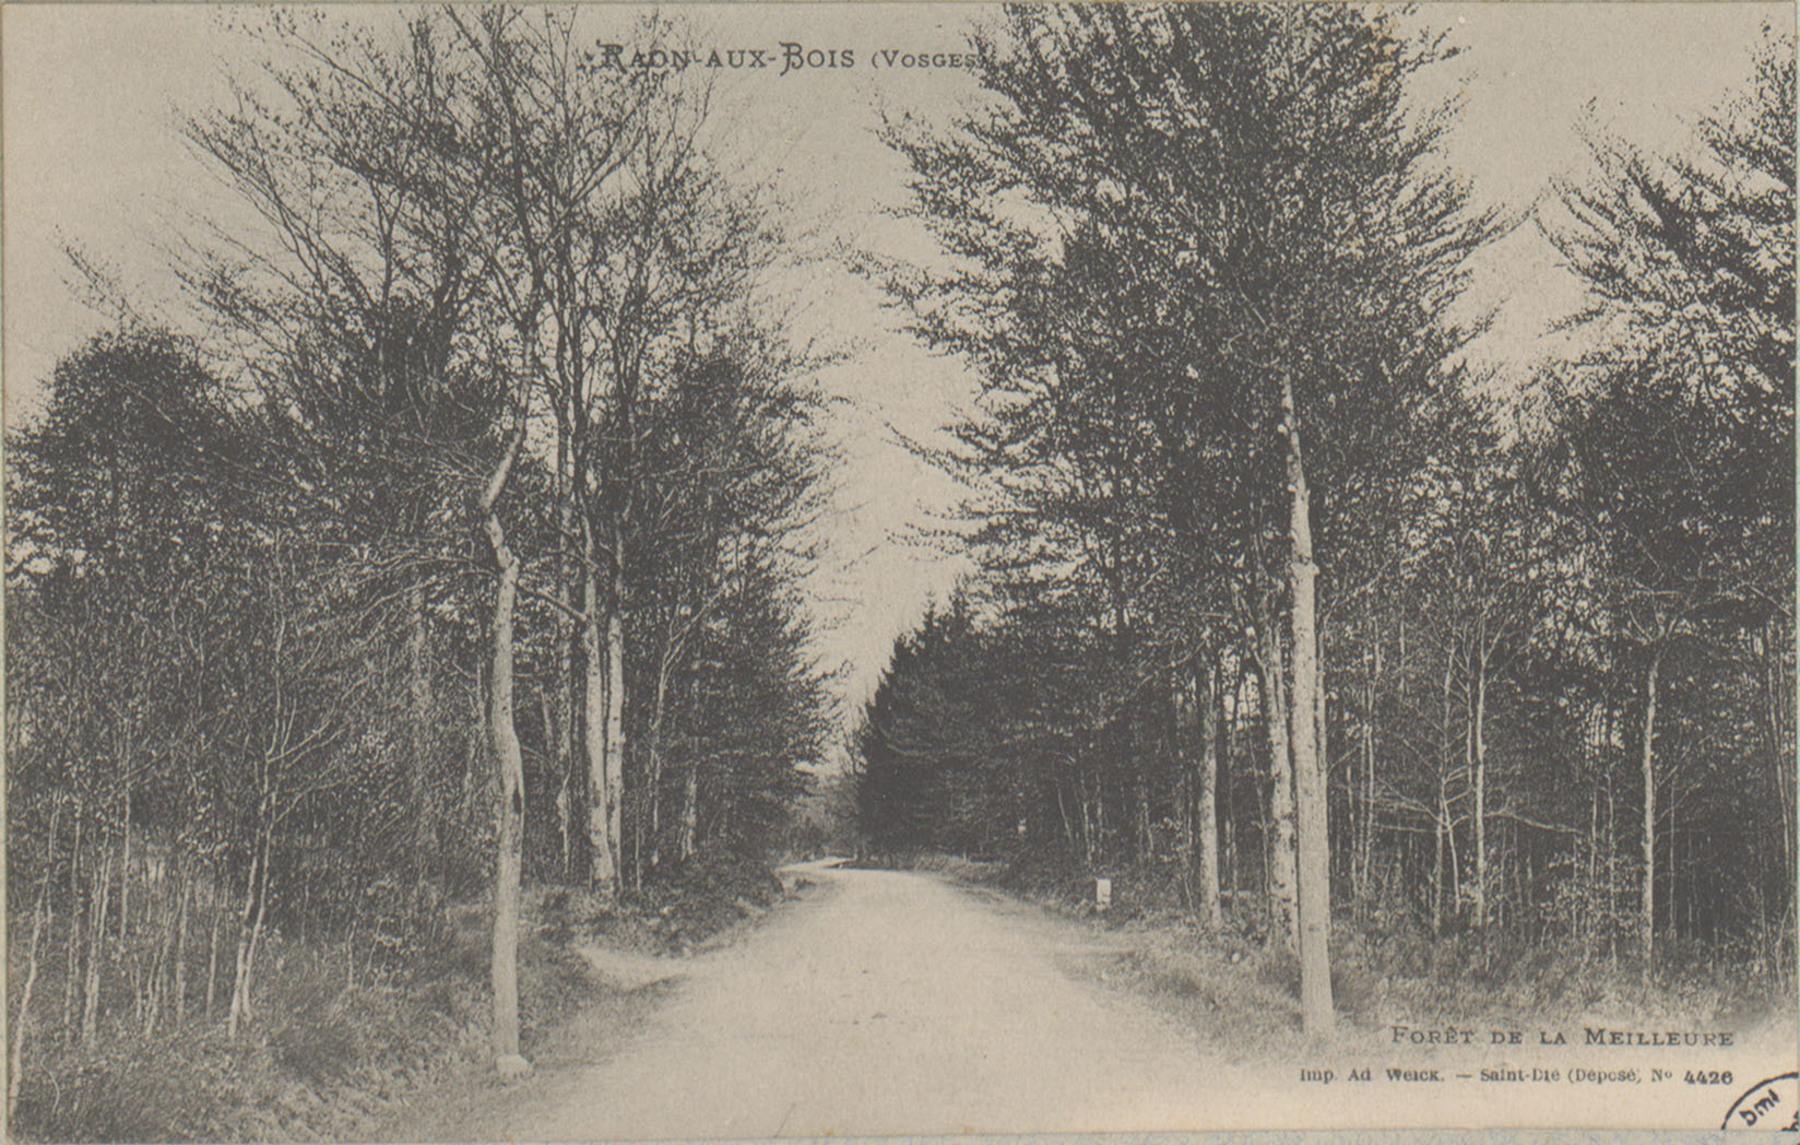 Contenu du Forêt de la Meilleure à Raon-aux-Bois (Vosges)